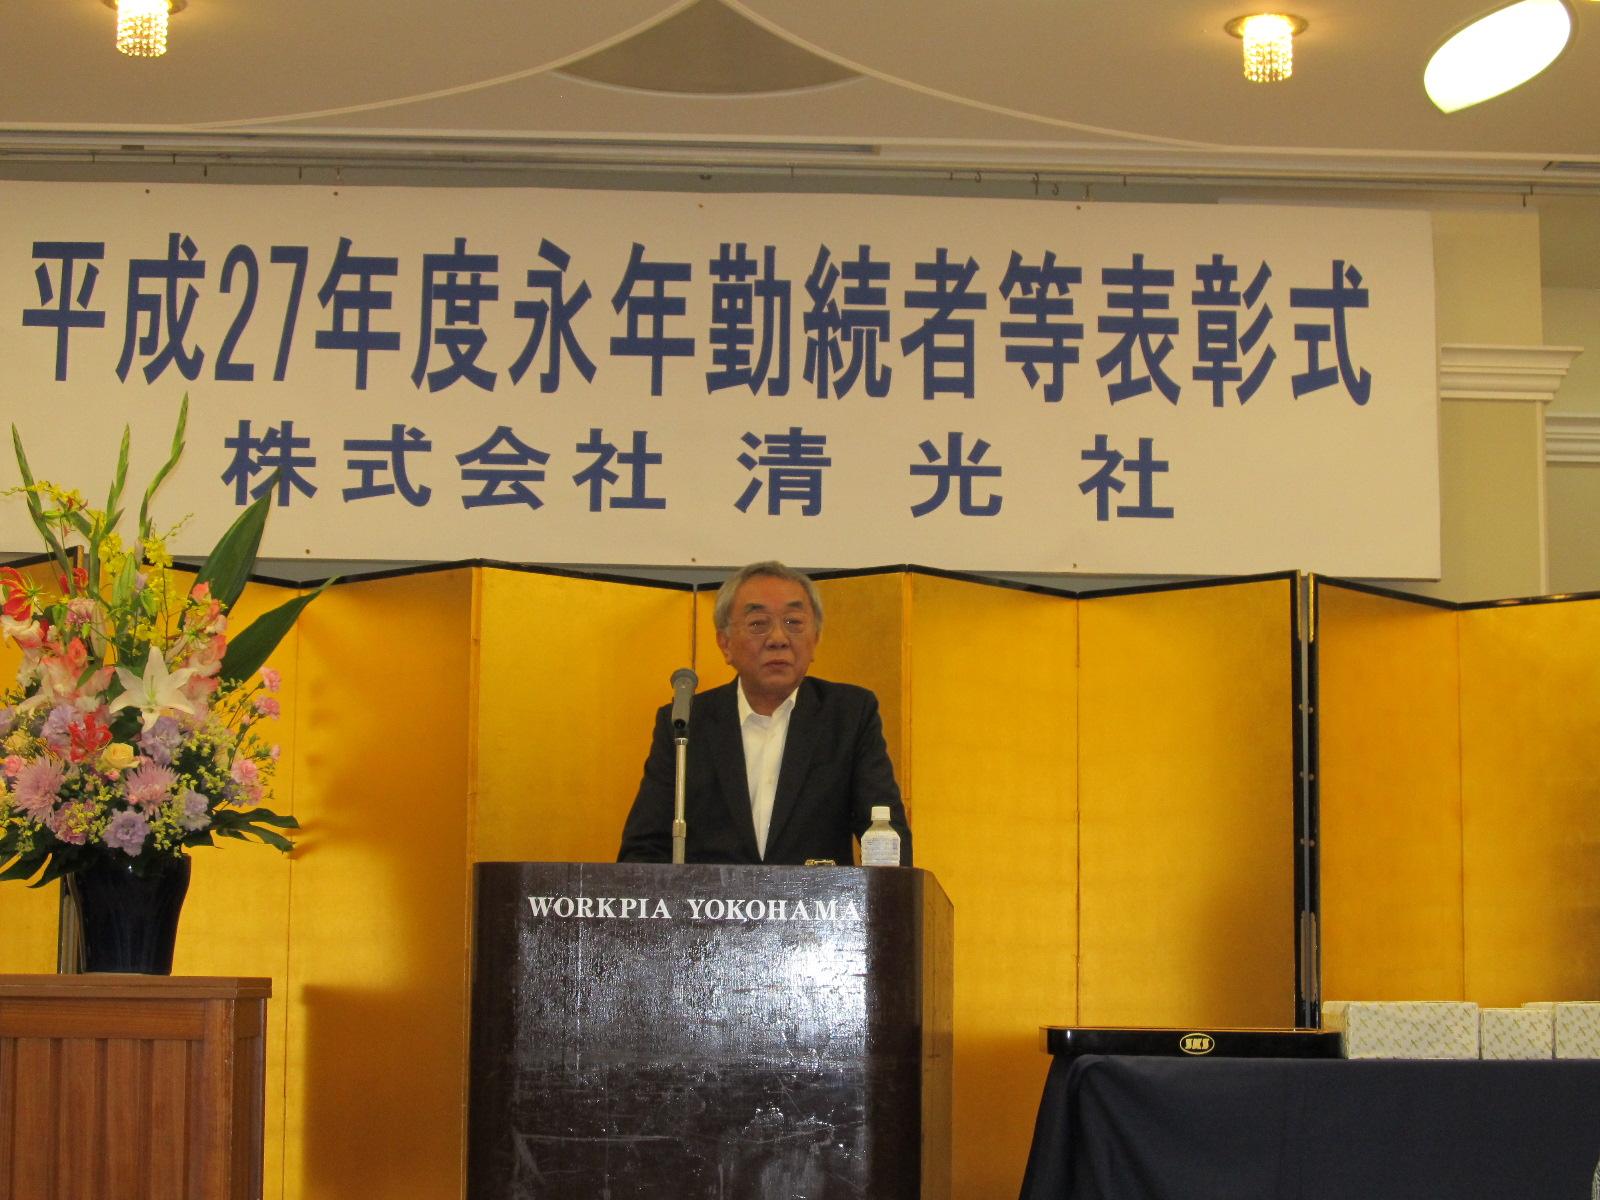 平成27年度「永年勤続表彰式」が開催されました。